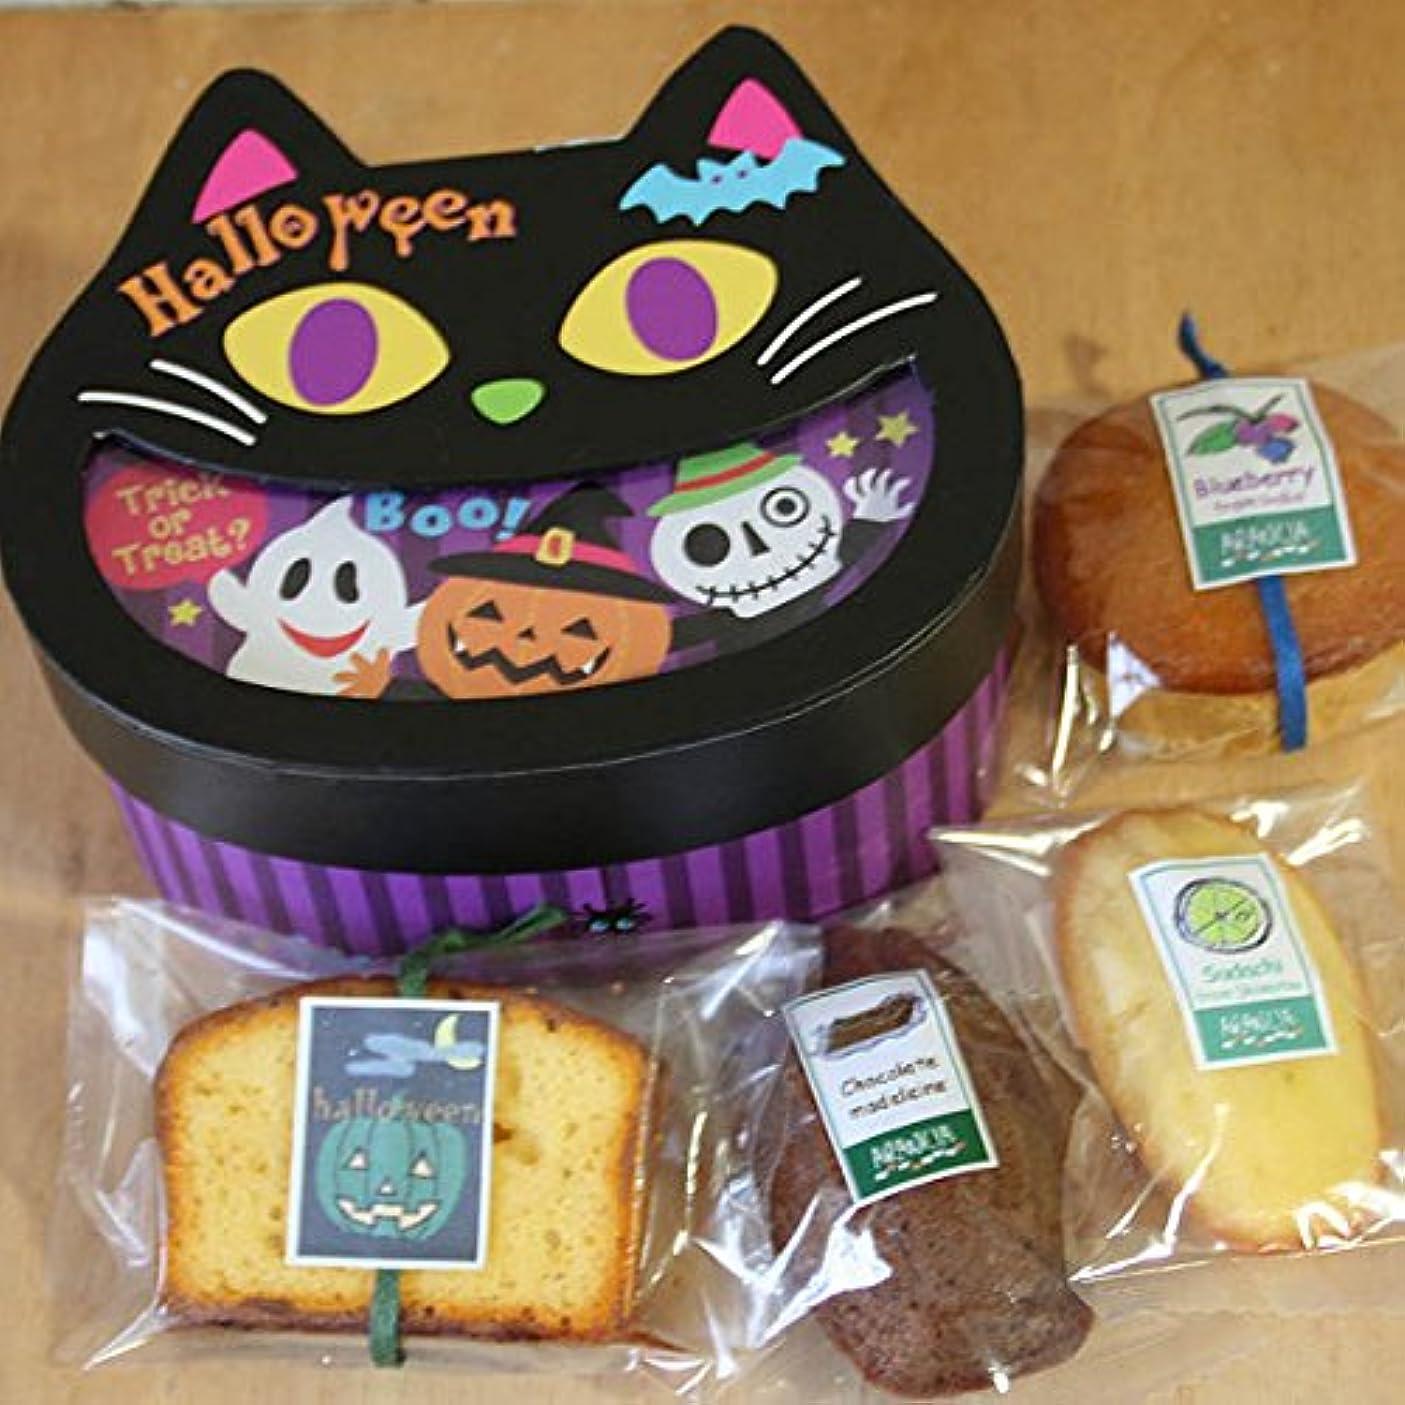 ベッド物理昆虫を見るハロウィンスイーツギフト「ブラックキャット」黒猫型のボックス入り和歌山産カボチャやフルーツ?チョコなどの4種の焼き菓子プチギフト